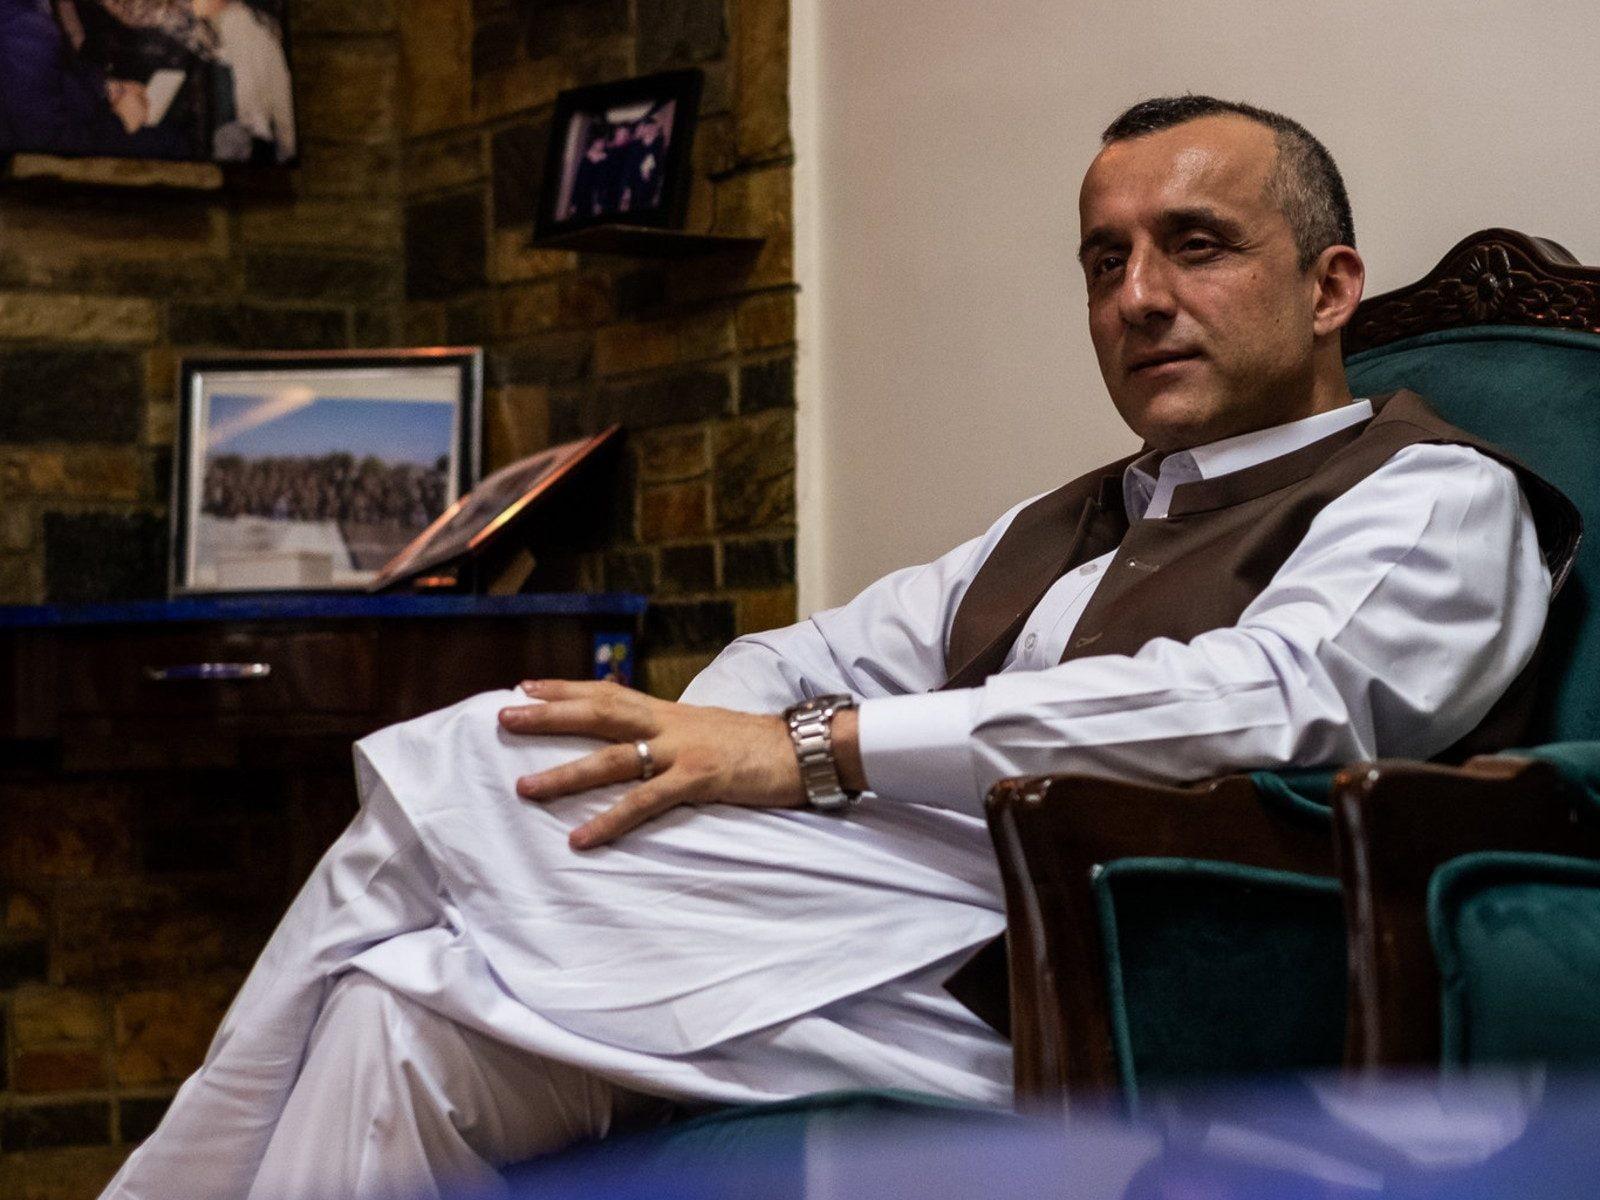 अमरूल्लाह सालेह तालिबान के खिलाफ हैं। वे पंजशीर में अहमद मसूद के लड़ाकों के साथ मिल कर तालिबान के खिलाफ जंग का ऐलान कर चुके हैं।